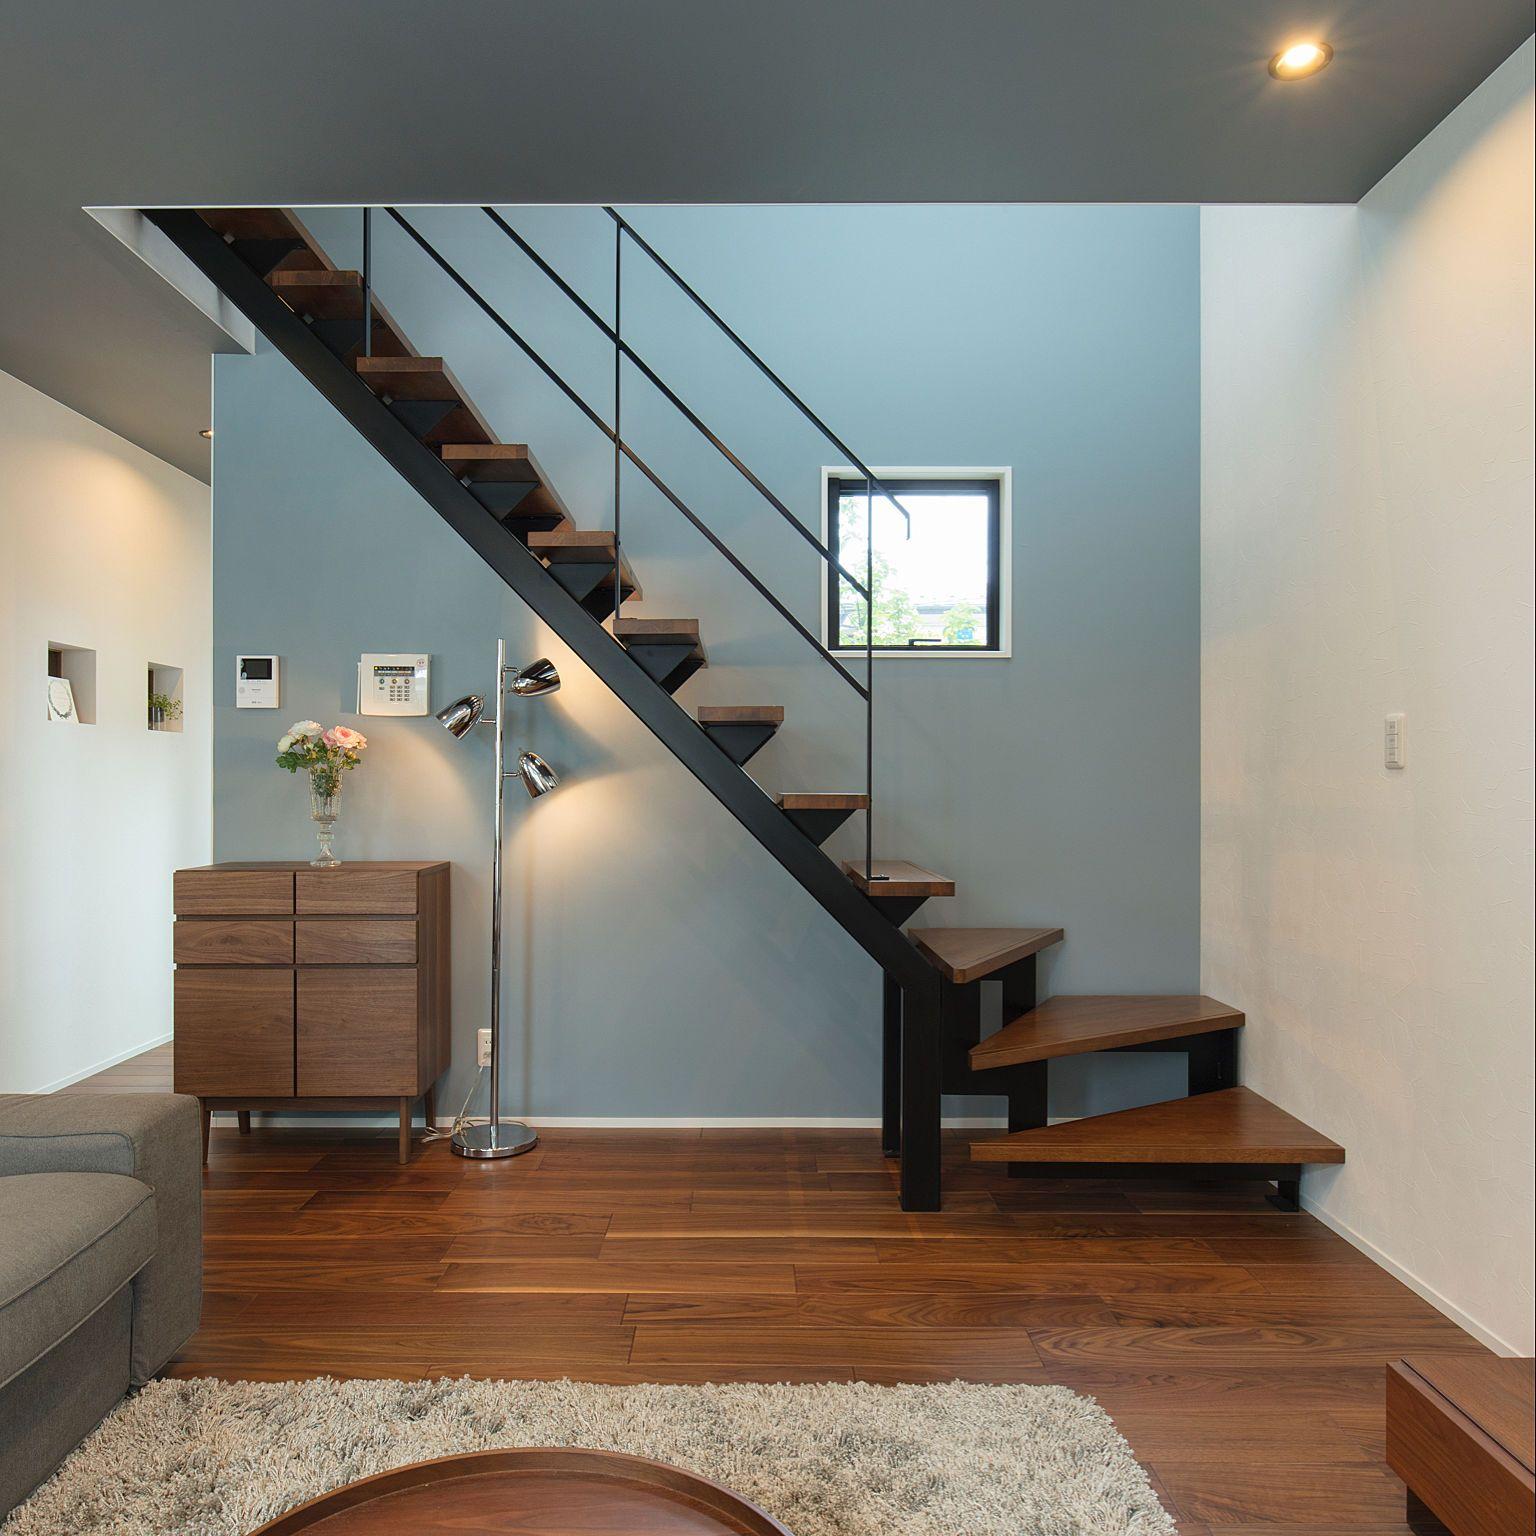 壁 天井 リビングイン階段 壁紙 家coco 新築 などのインテリア実例 2018 01 15 10 01 54 Roomclip ルームクリップ